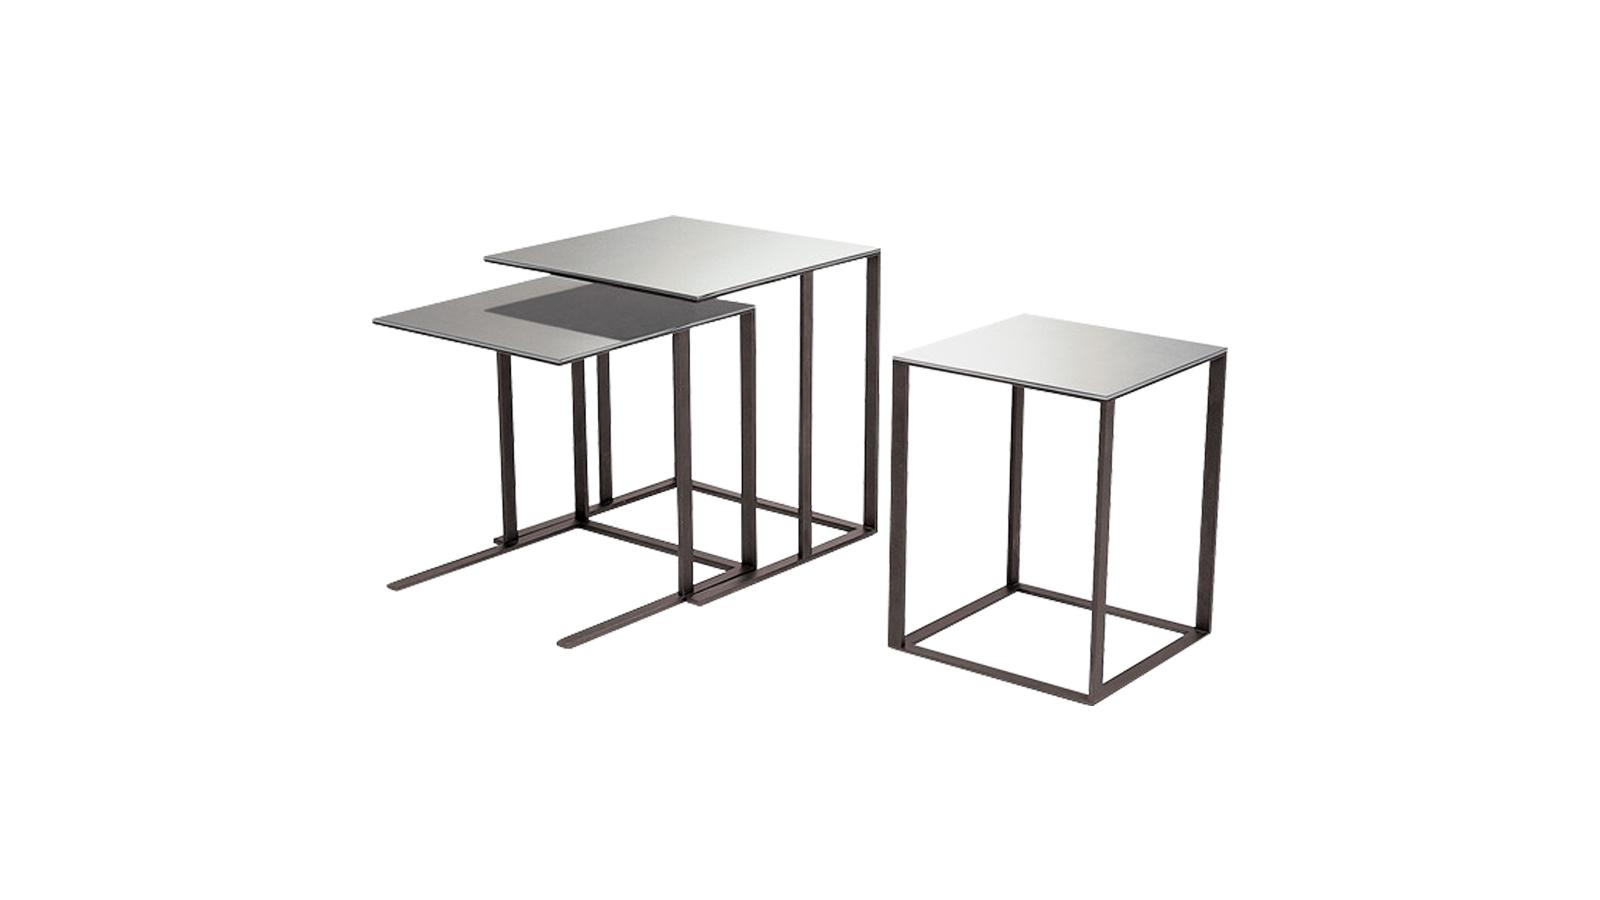 A B&B Italia Maxalto kollekciójának Elios asztala visszafogott, letisztult kísérője a hálószoba főszereplőjének, az ágynak. Az Elios termékcsalád geometrikus formák játékából tevődik össze, az asztallap formája határozza meg a tartószerkezet vonalait. A horizontális síkok párhuzamosak és szimmetrikusak, a vertikális elemek azonban eltoltak és asszimetrikusak - a végeredmény egy könnyed, szolidan játszadozó, de mégsem hivalkodó bútordarab.